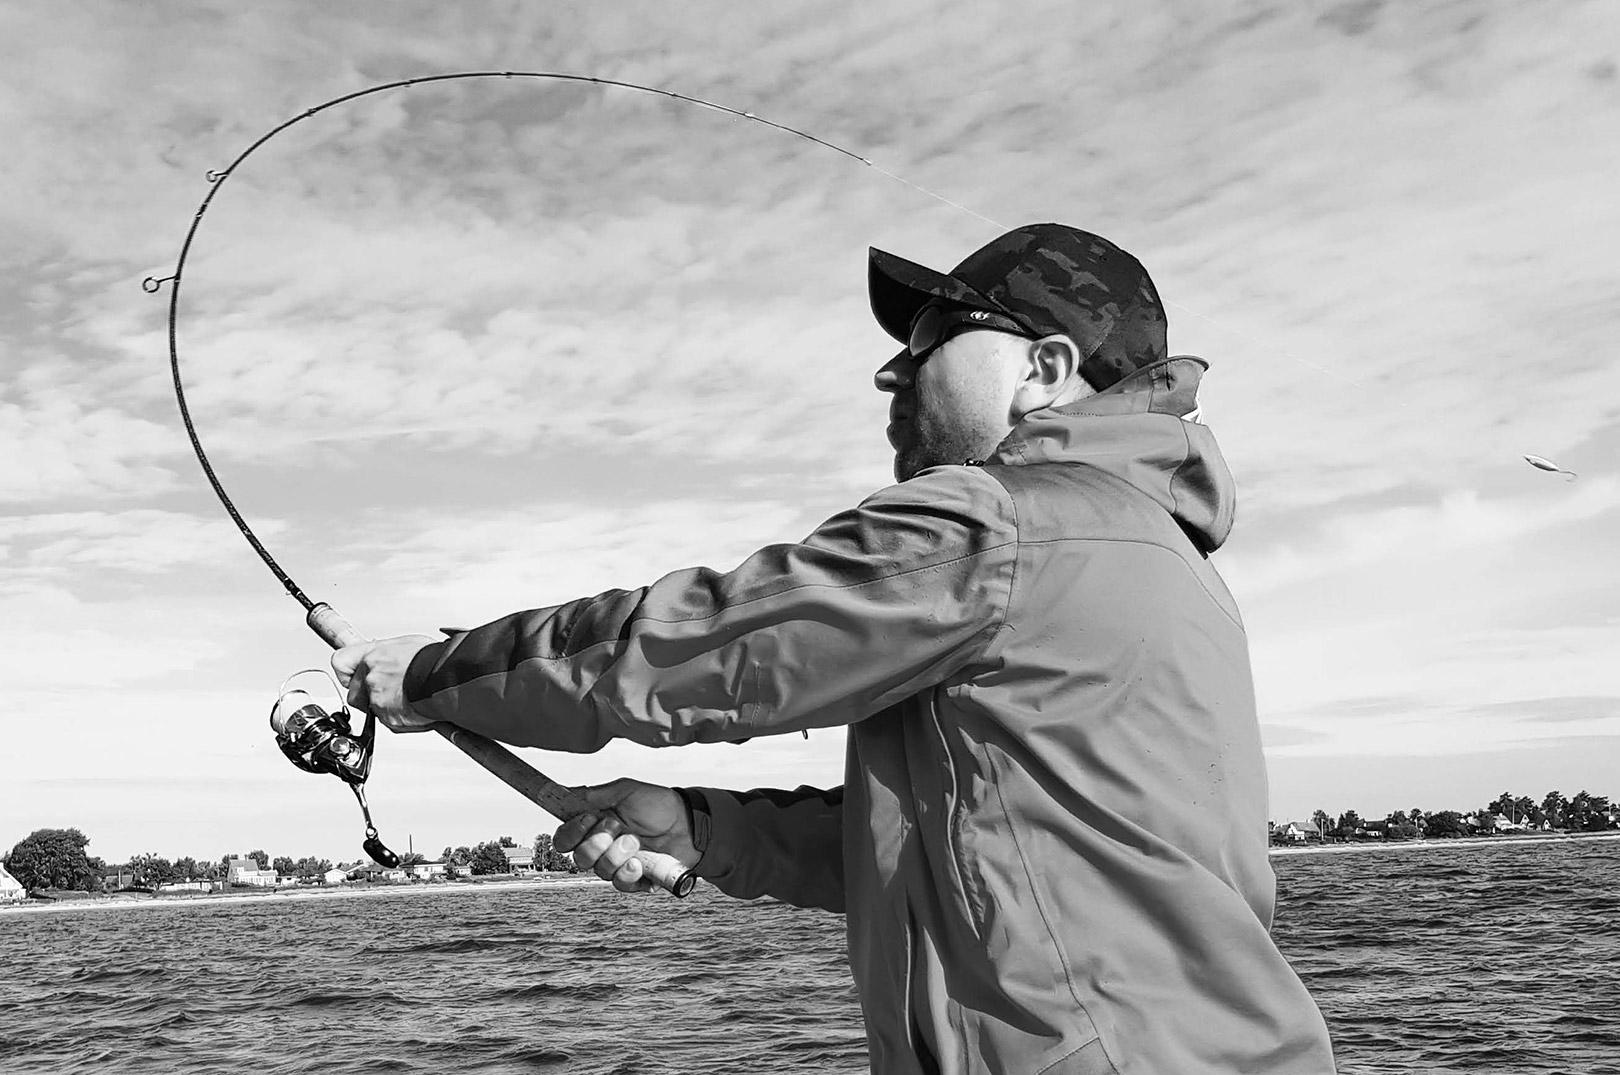 Kastefiskeri efter havørred fra båd kan være super effektivt, blandt andet fordi det er let at skifte plads eller afsøge større områder for fisk.